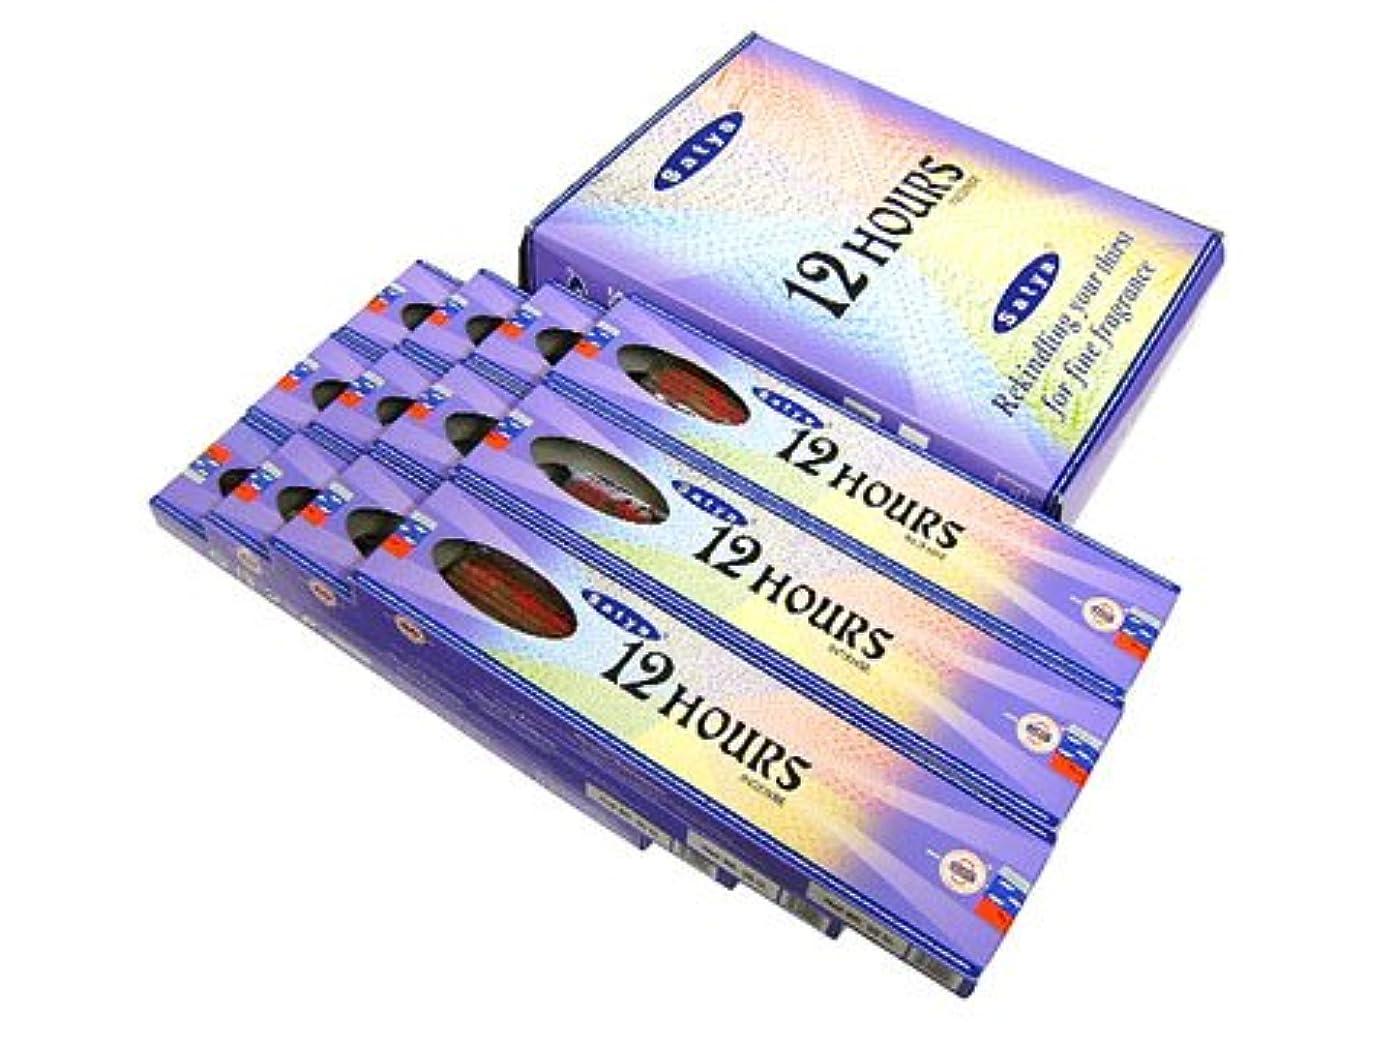 世界焦げ追い付くSATYA(サチャ) 12アワーズ香 スティック 12HOURS 12箱セット